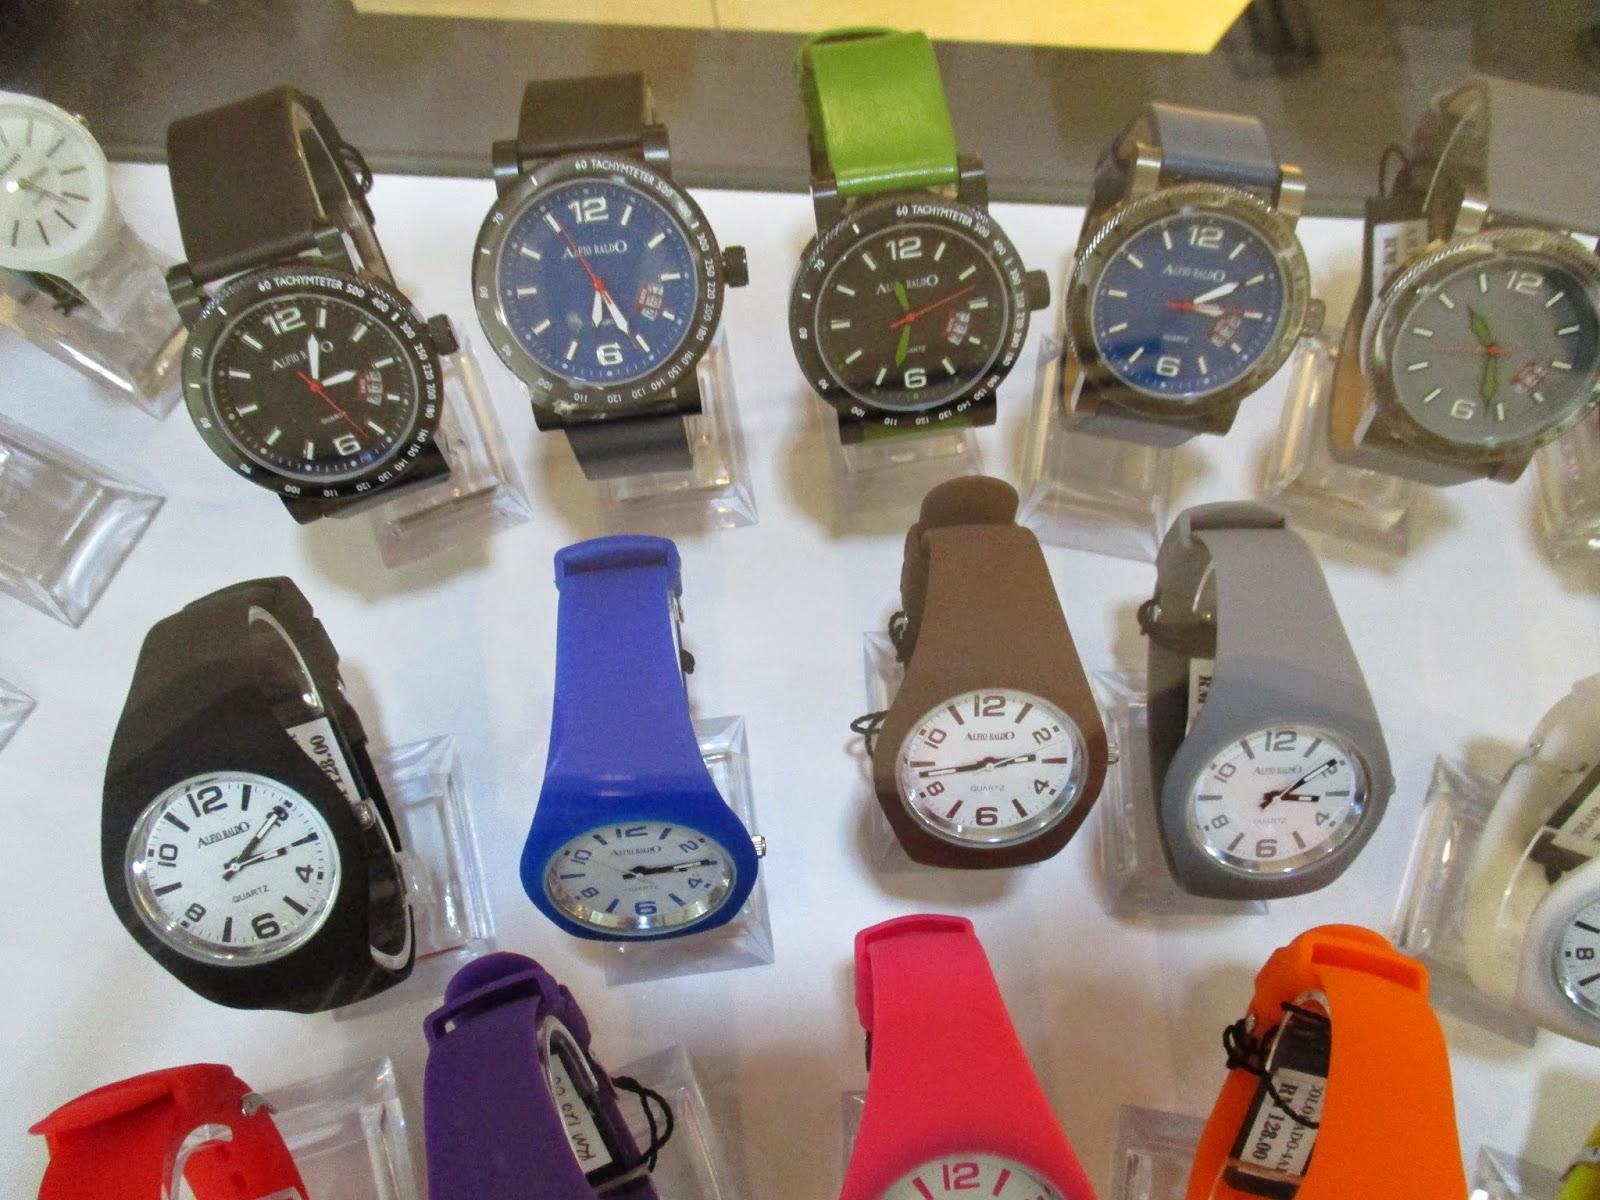 Boleh dikatakan semua pilihan fesyen yang korang nak ada di Alfio Raldo Baik beg tangan kasut card holder jam tangan dan juga cermin mata untuk lelaki